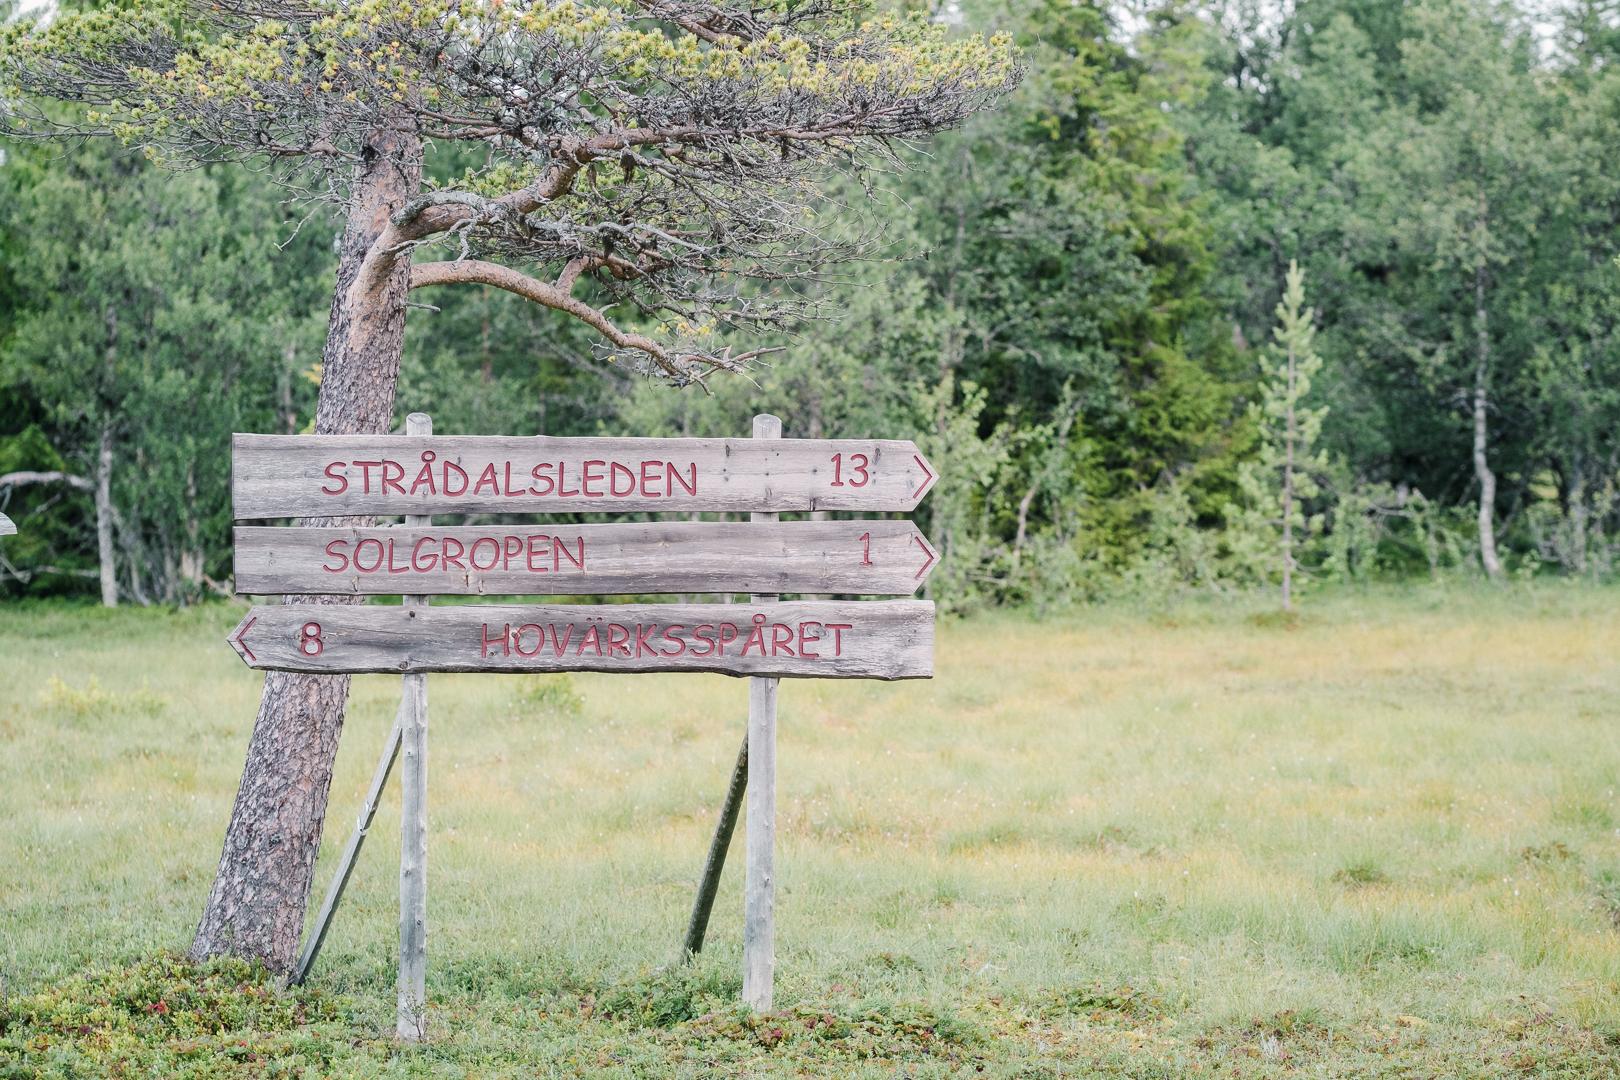 Vandra i Lofsdalen på Hovärken